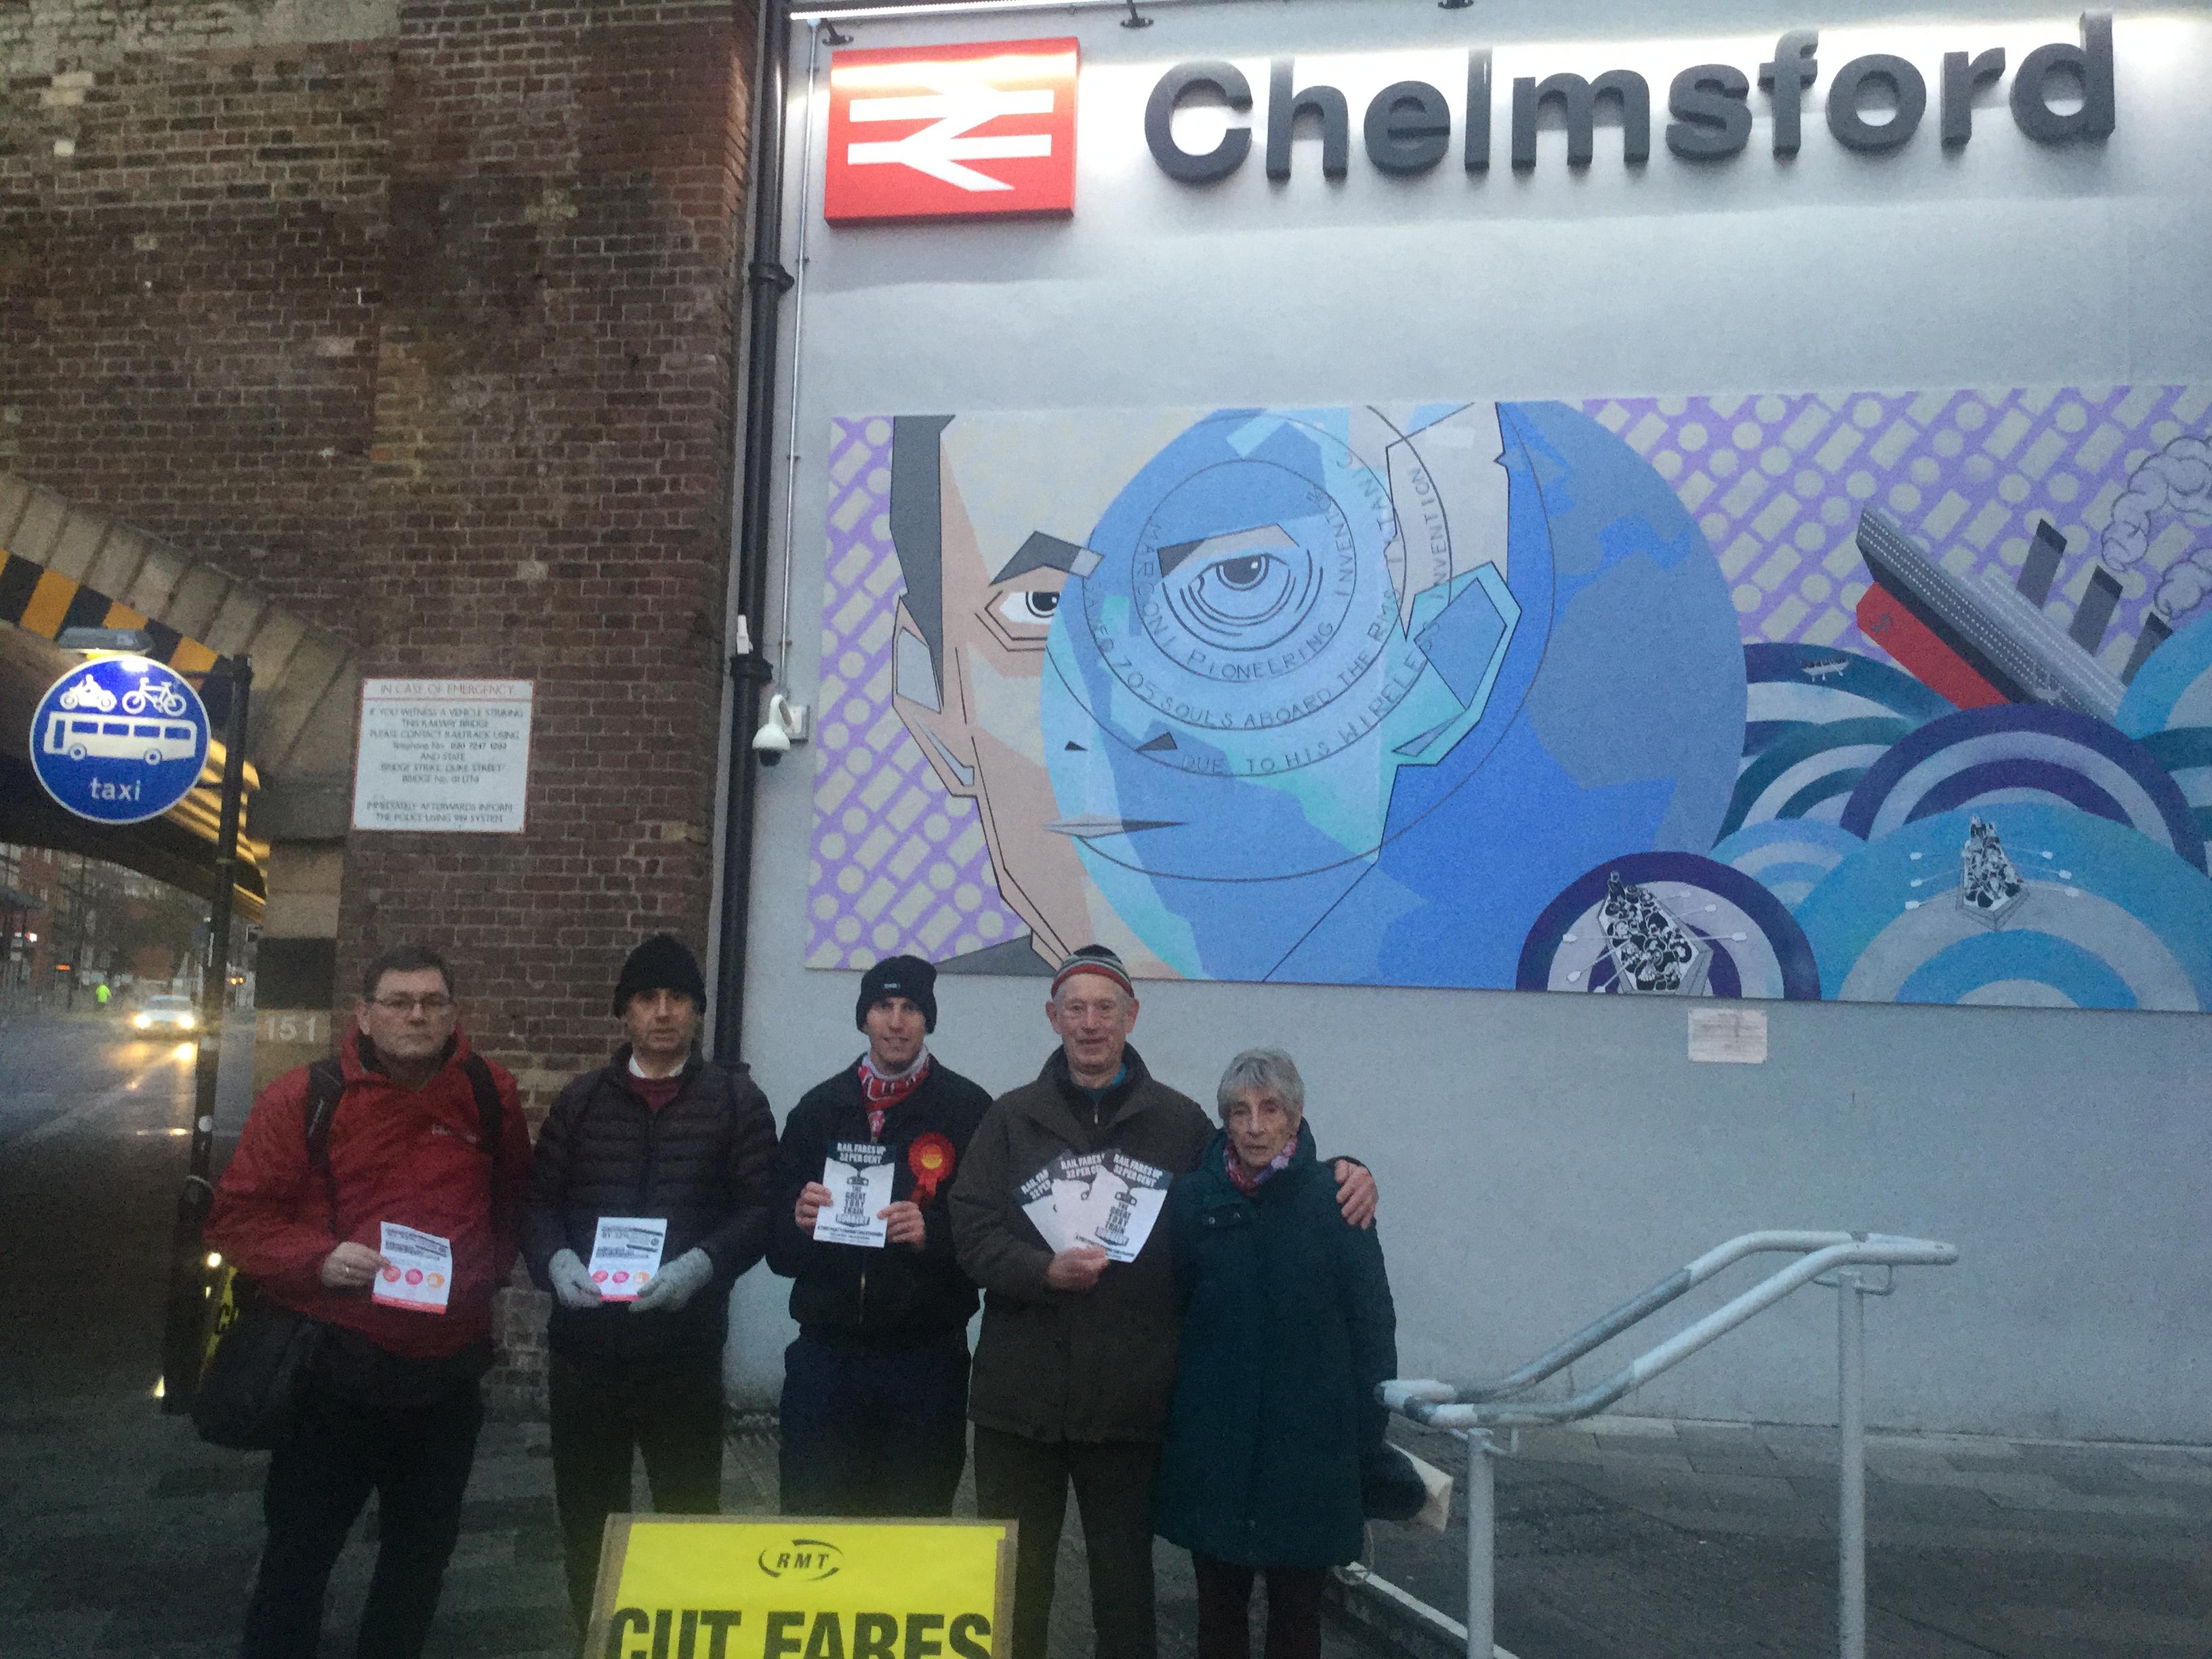 Chelmsford Rail Fail 2018